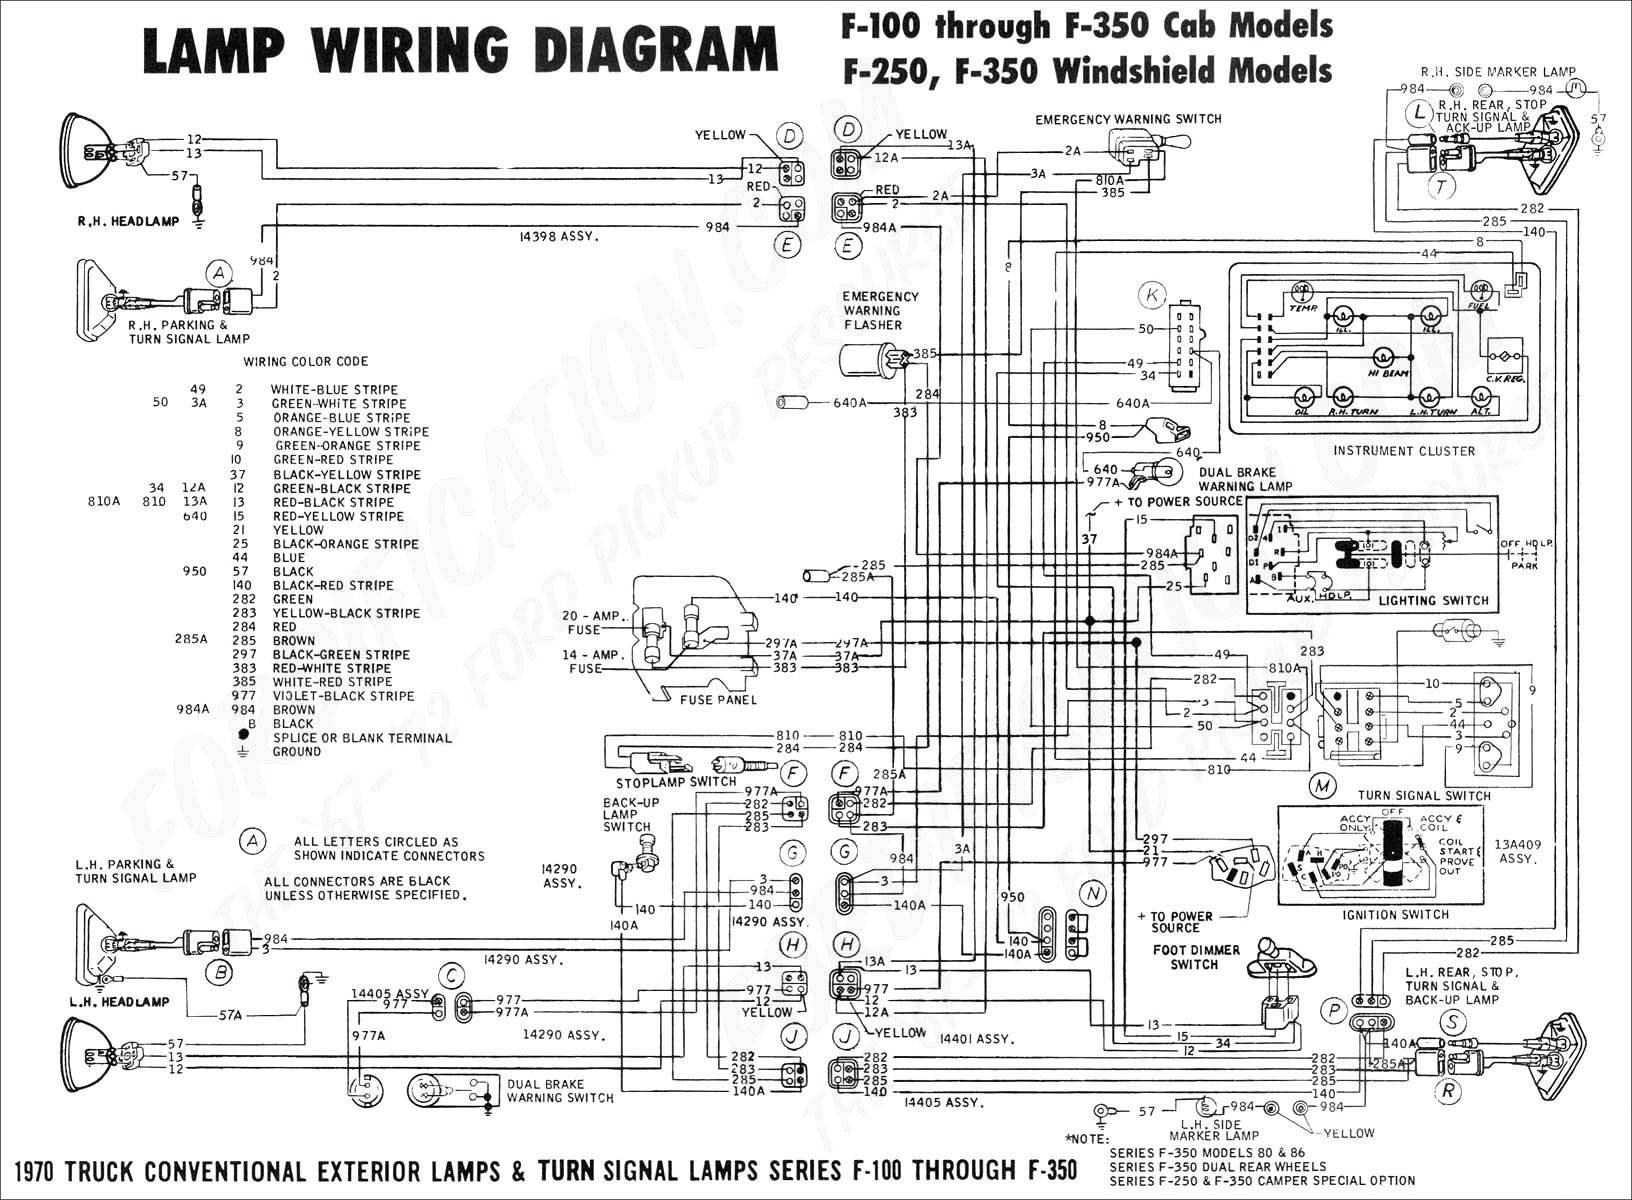 Google Alrm Wires Diagram 2018 Honda Civic Best Of